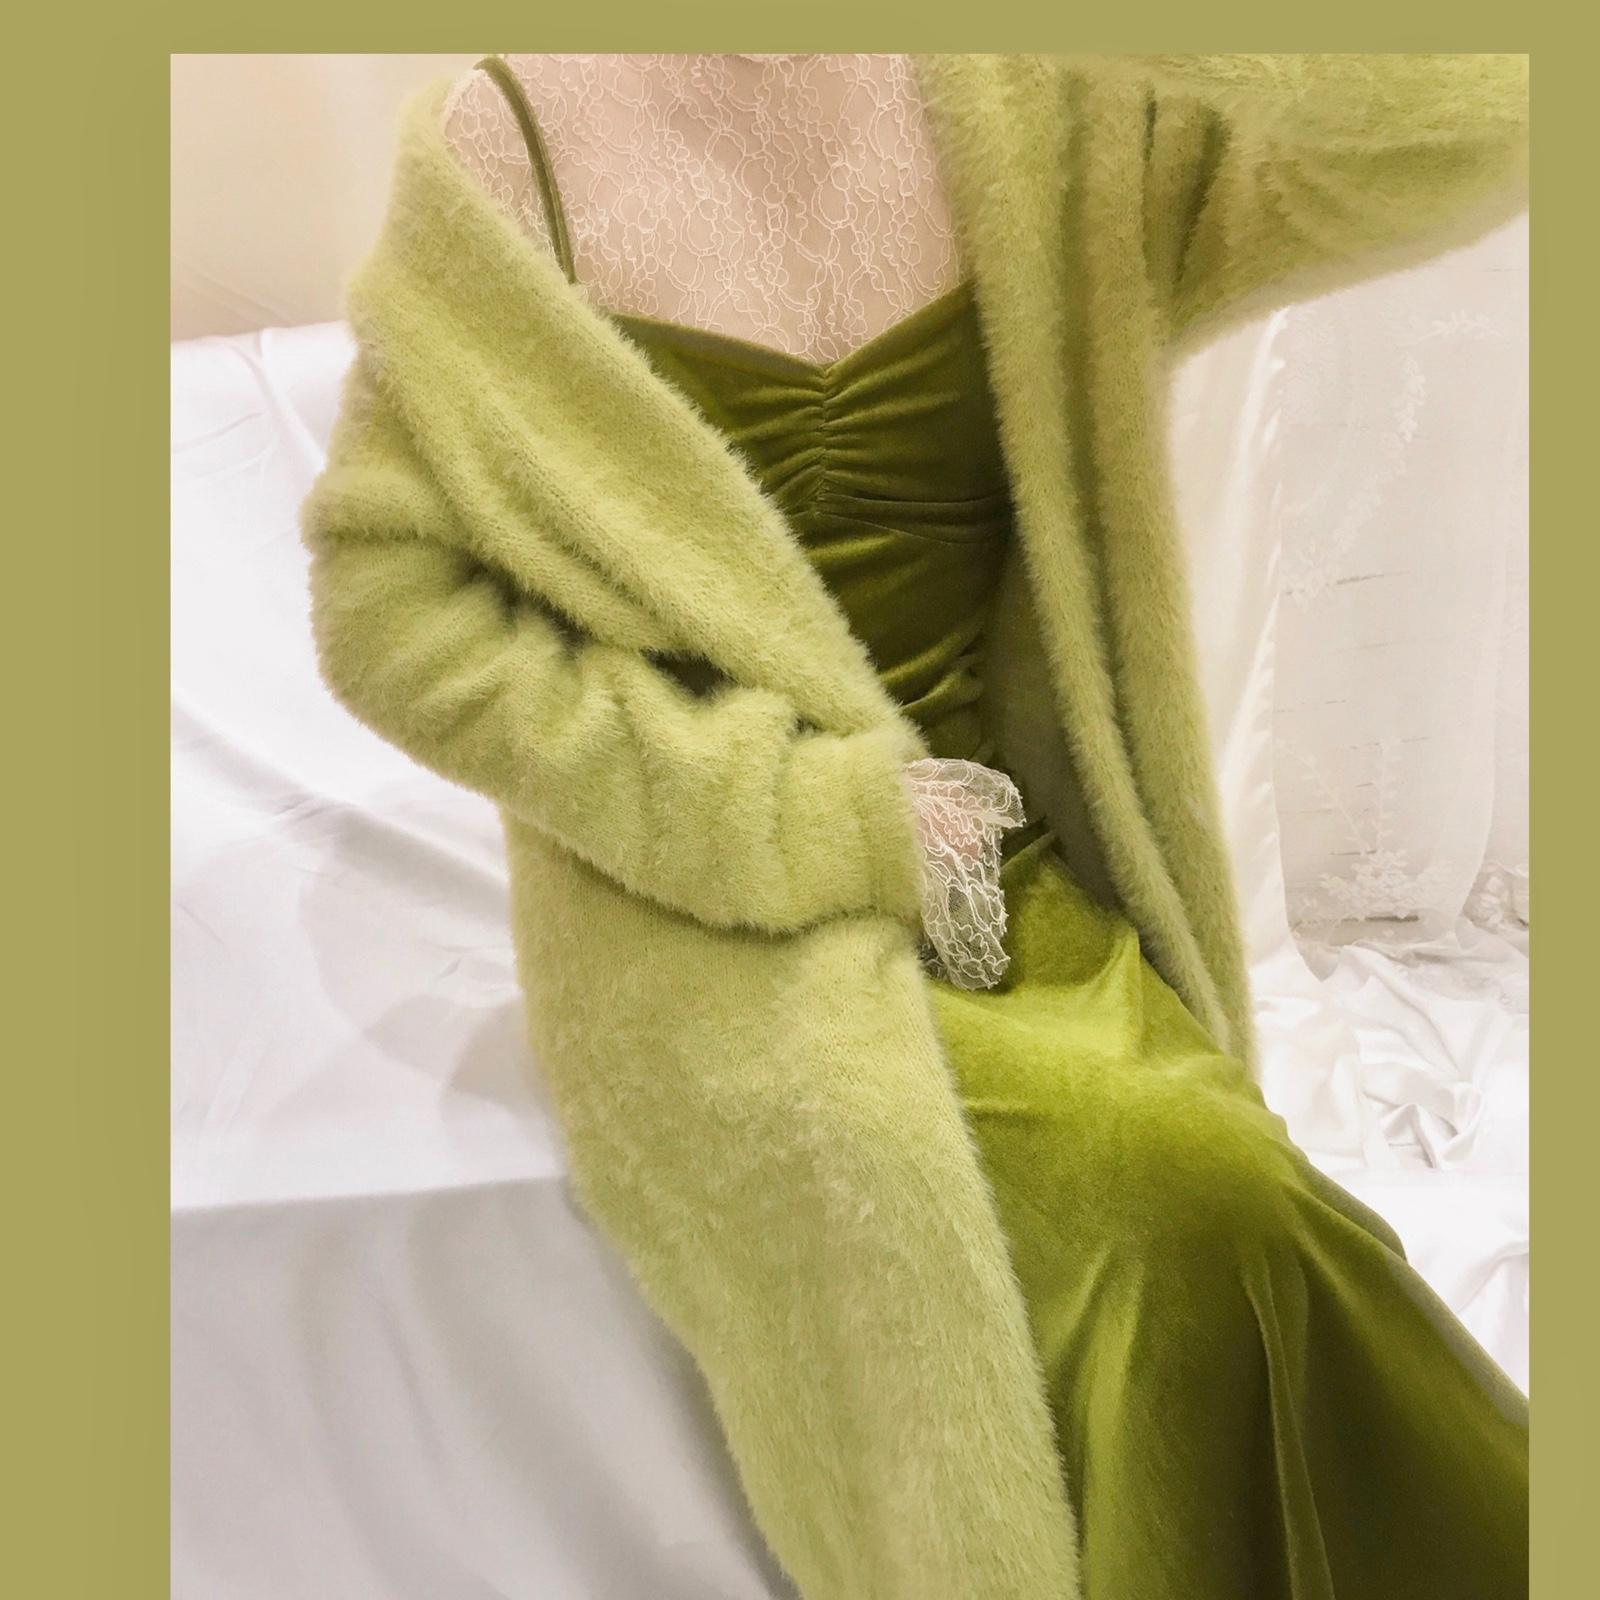 绿色针织衫 晚时光秋冬复古显白慵懒绿色仿貂毛针织外套 针织开衫中长款_推荐淘宝好看的绿色针织衫